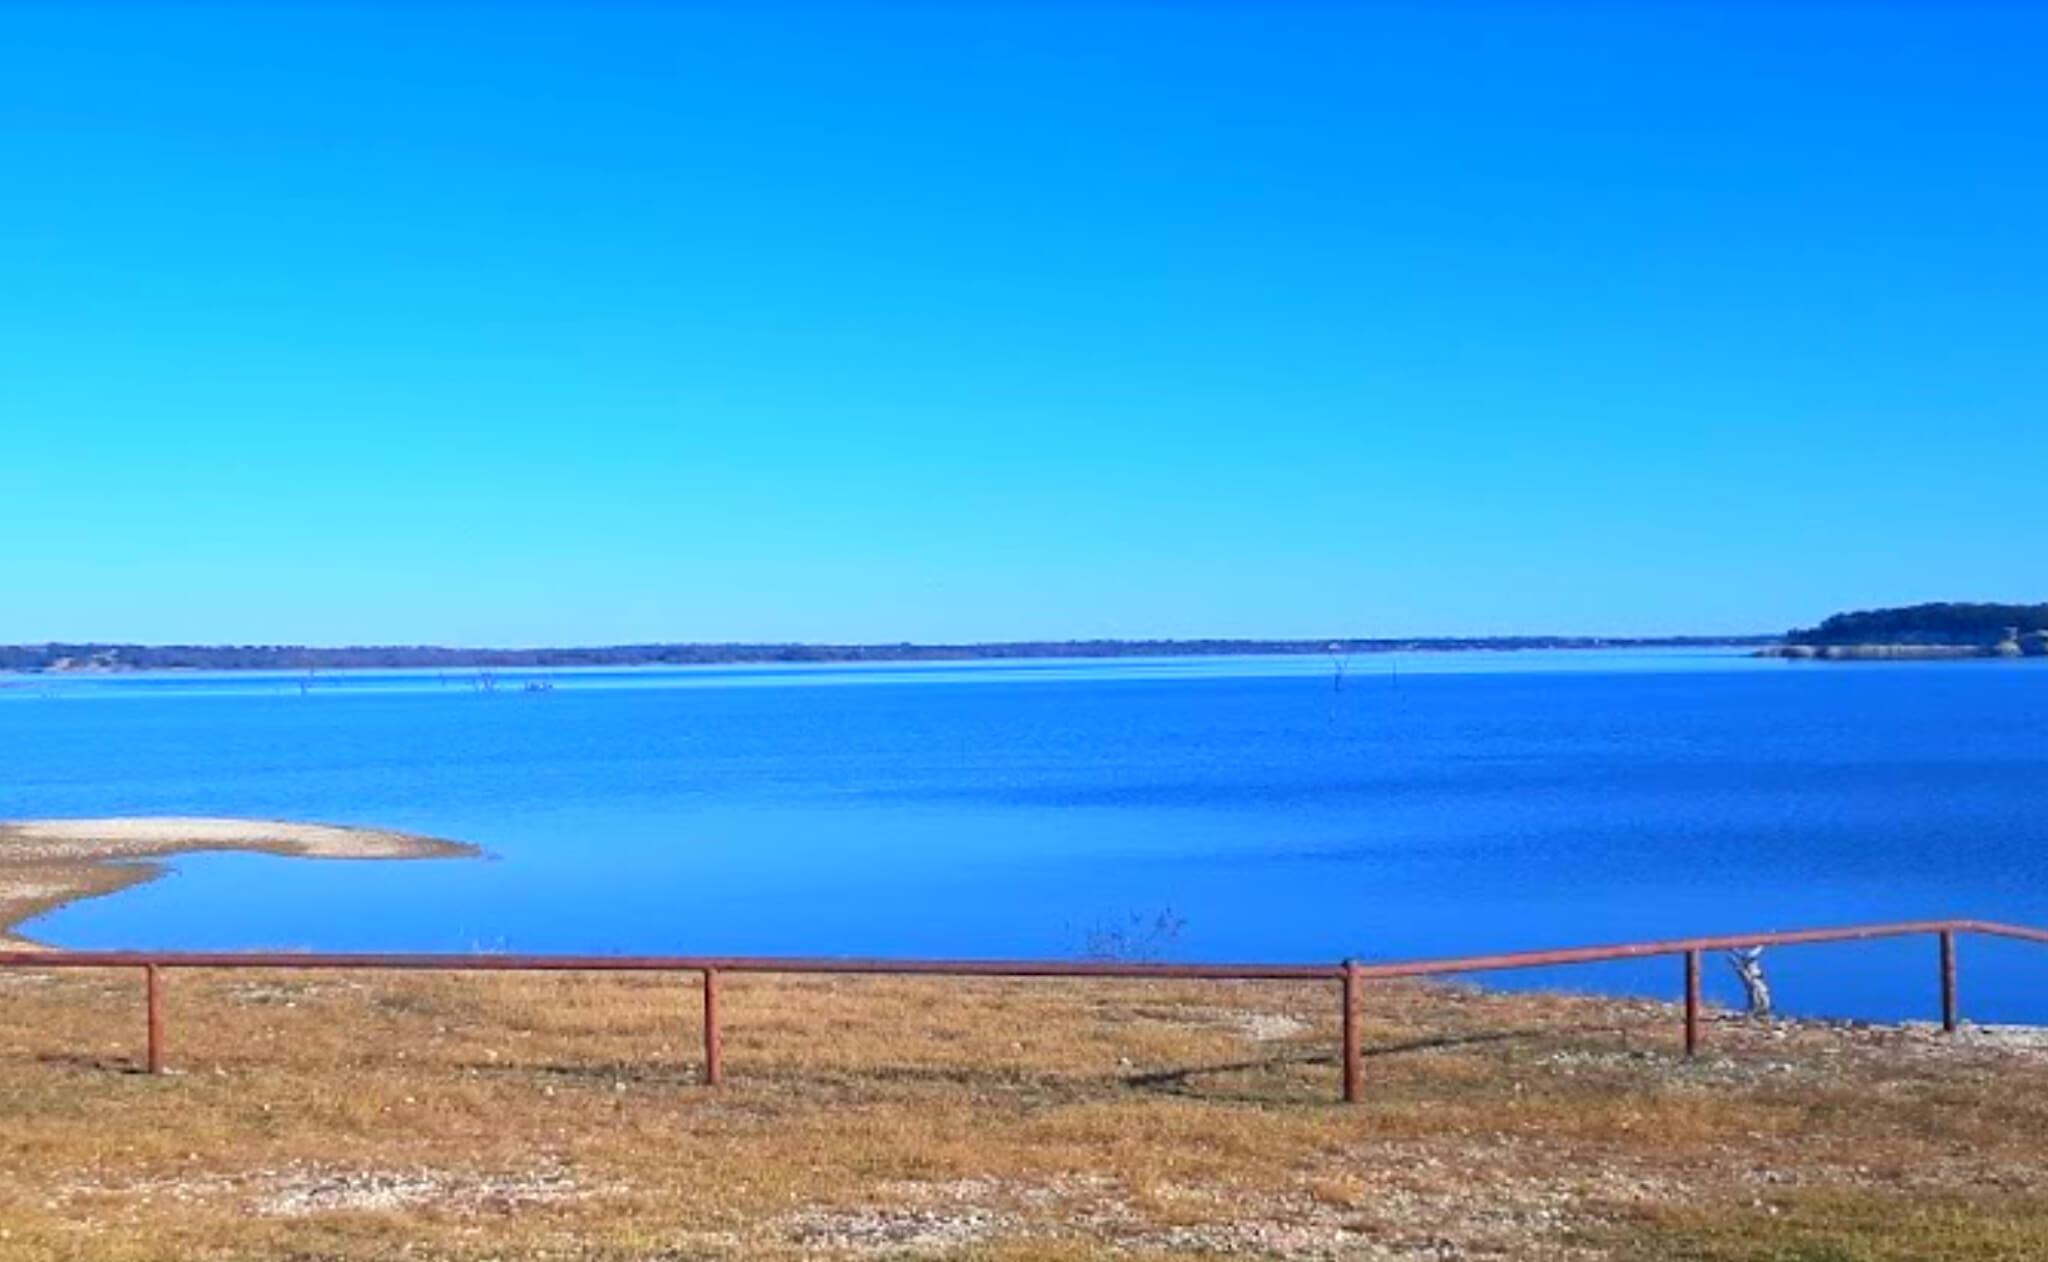 Whitney-Lake-Fishing-Report-Guide-Texas-TX-06